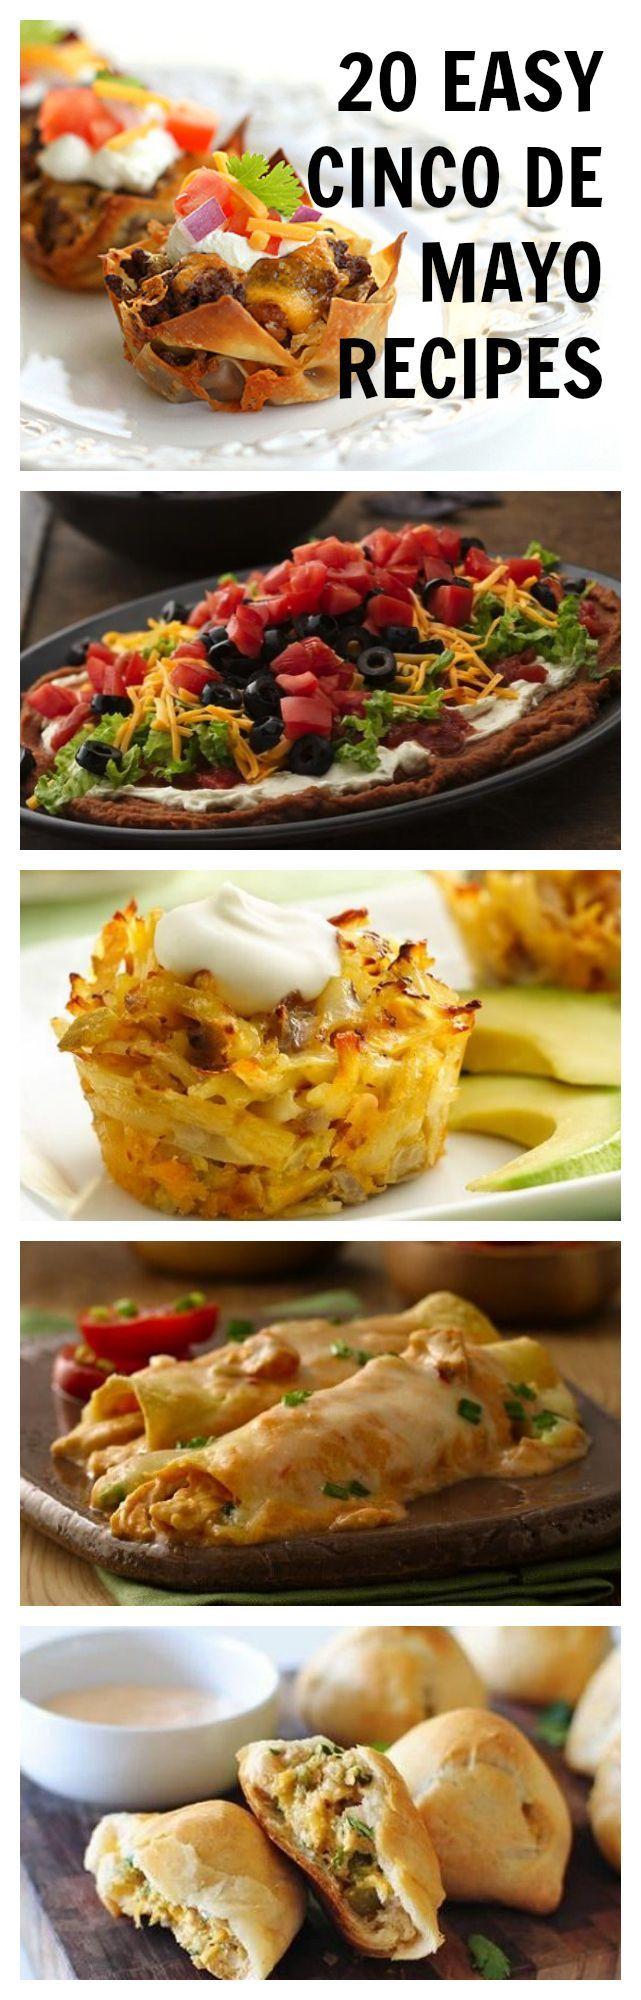 20 Easy Recipes for Cinco de Mayo Mexican food, #mexican #recipe